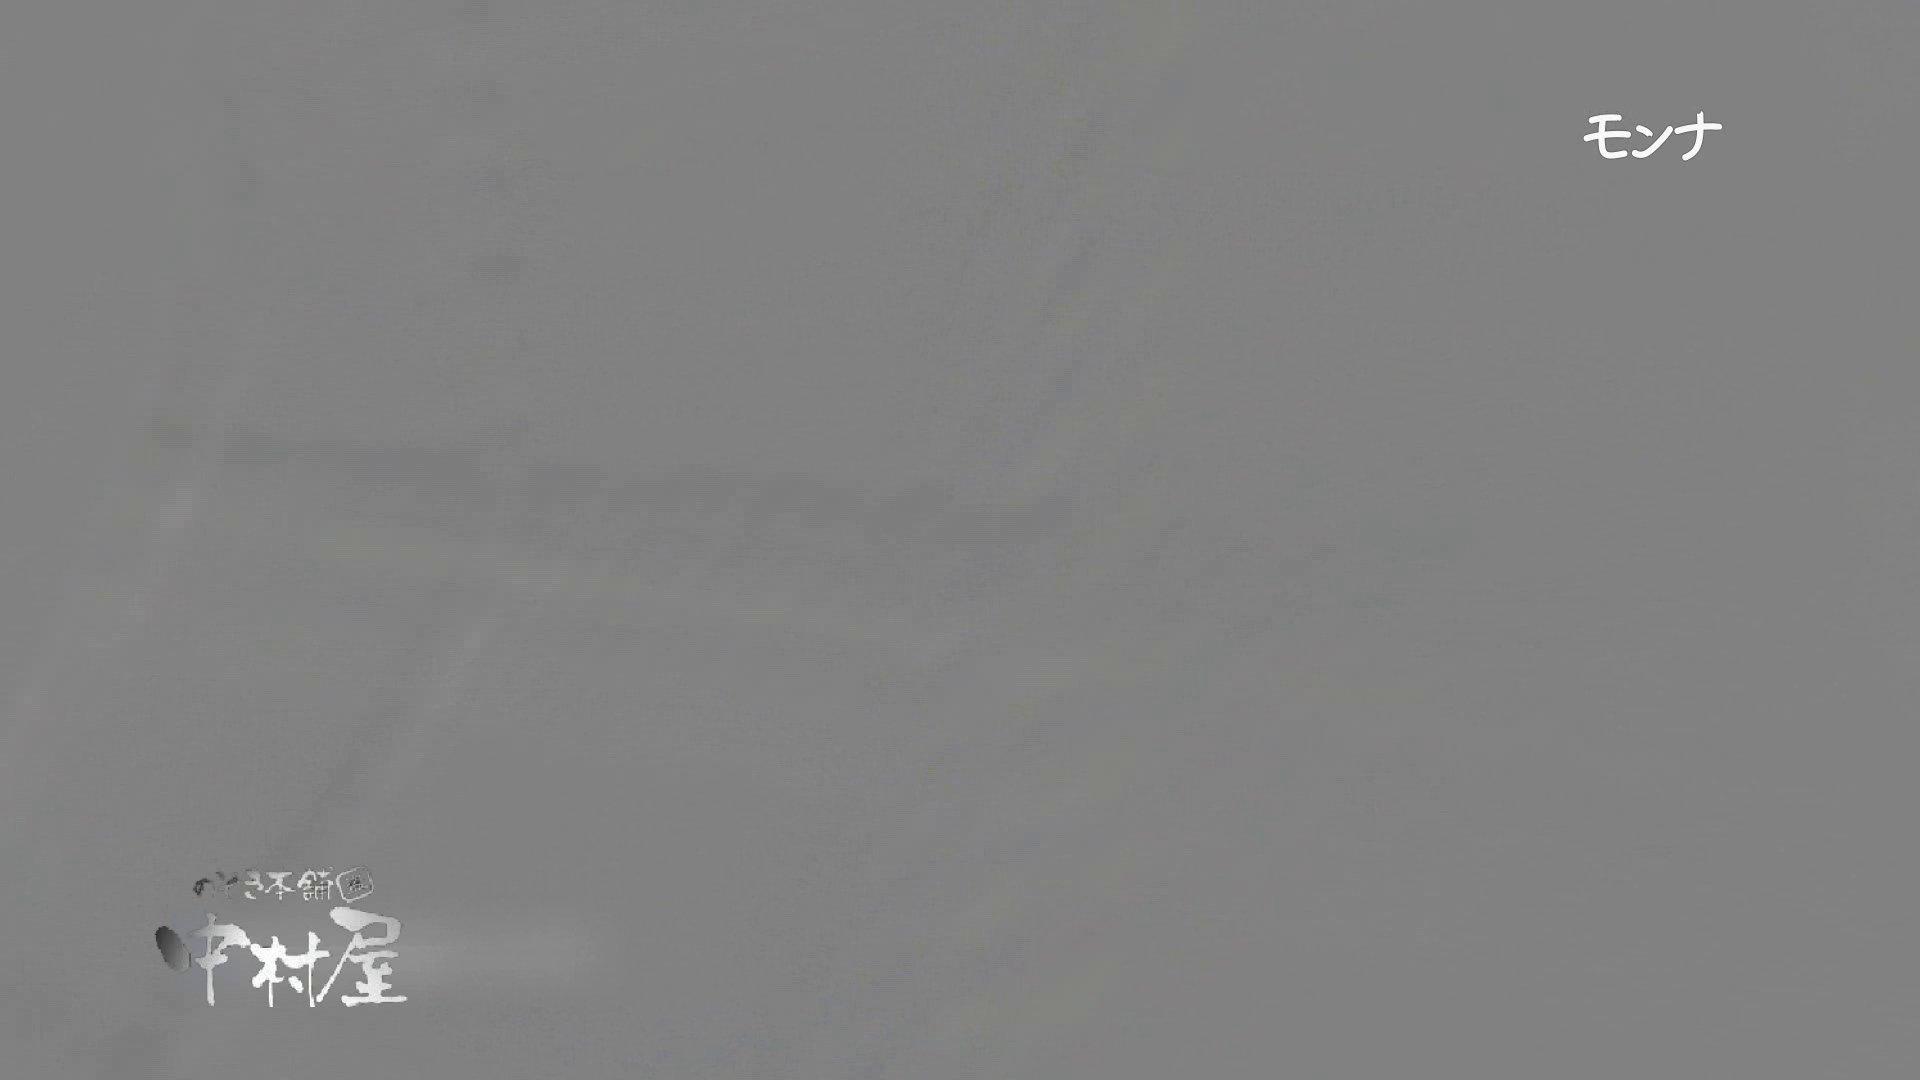 【美しい日本の未来】新学期!!下半身中心に攻めてます美女可愛い女子悪戯盗satuトイレ後編 悪戯 | 下半身  97pic 63